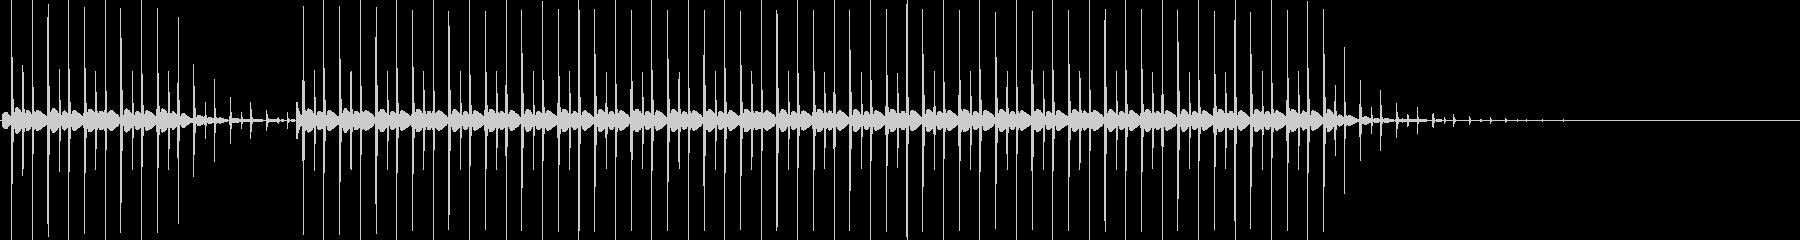 ブブー(クイズの不正解音)の未再生の波形